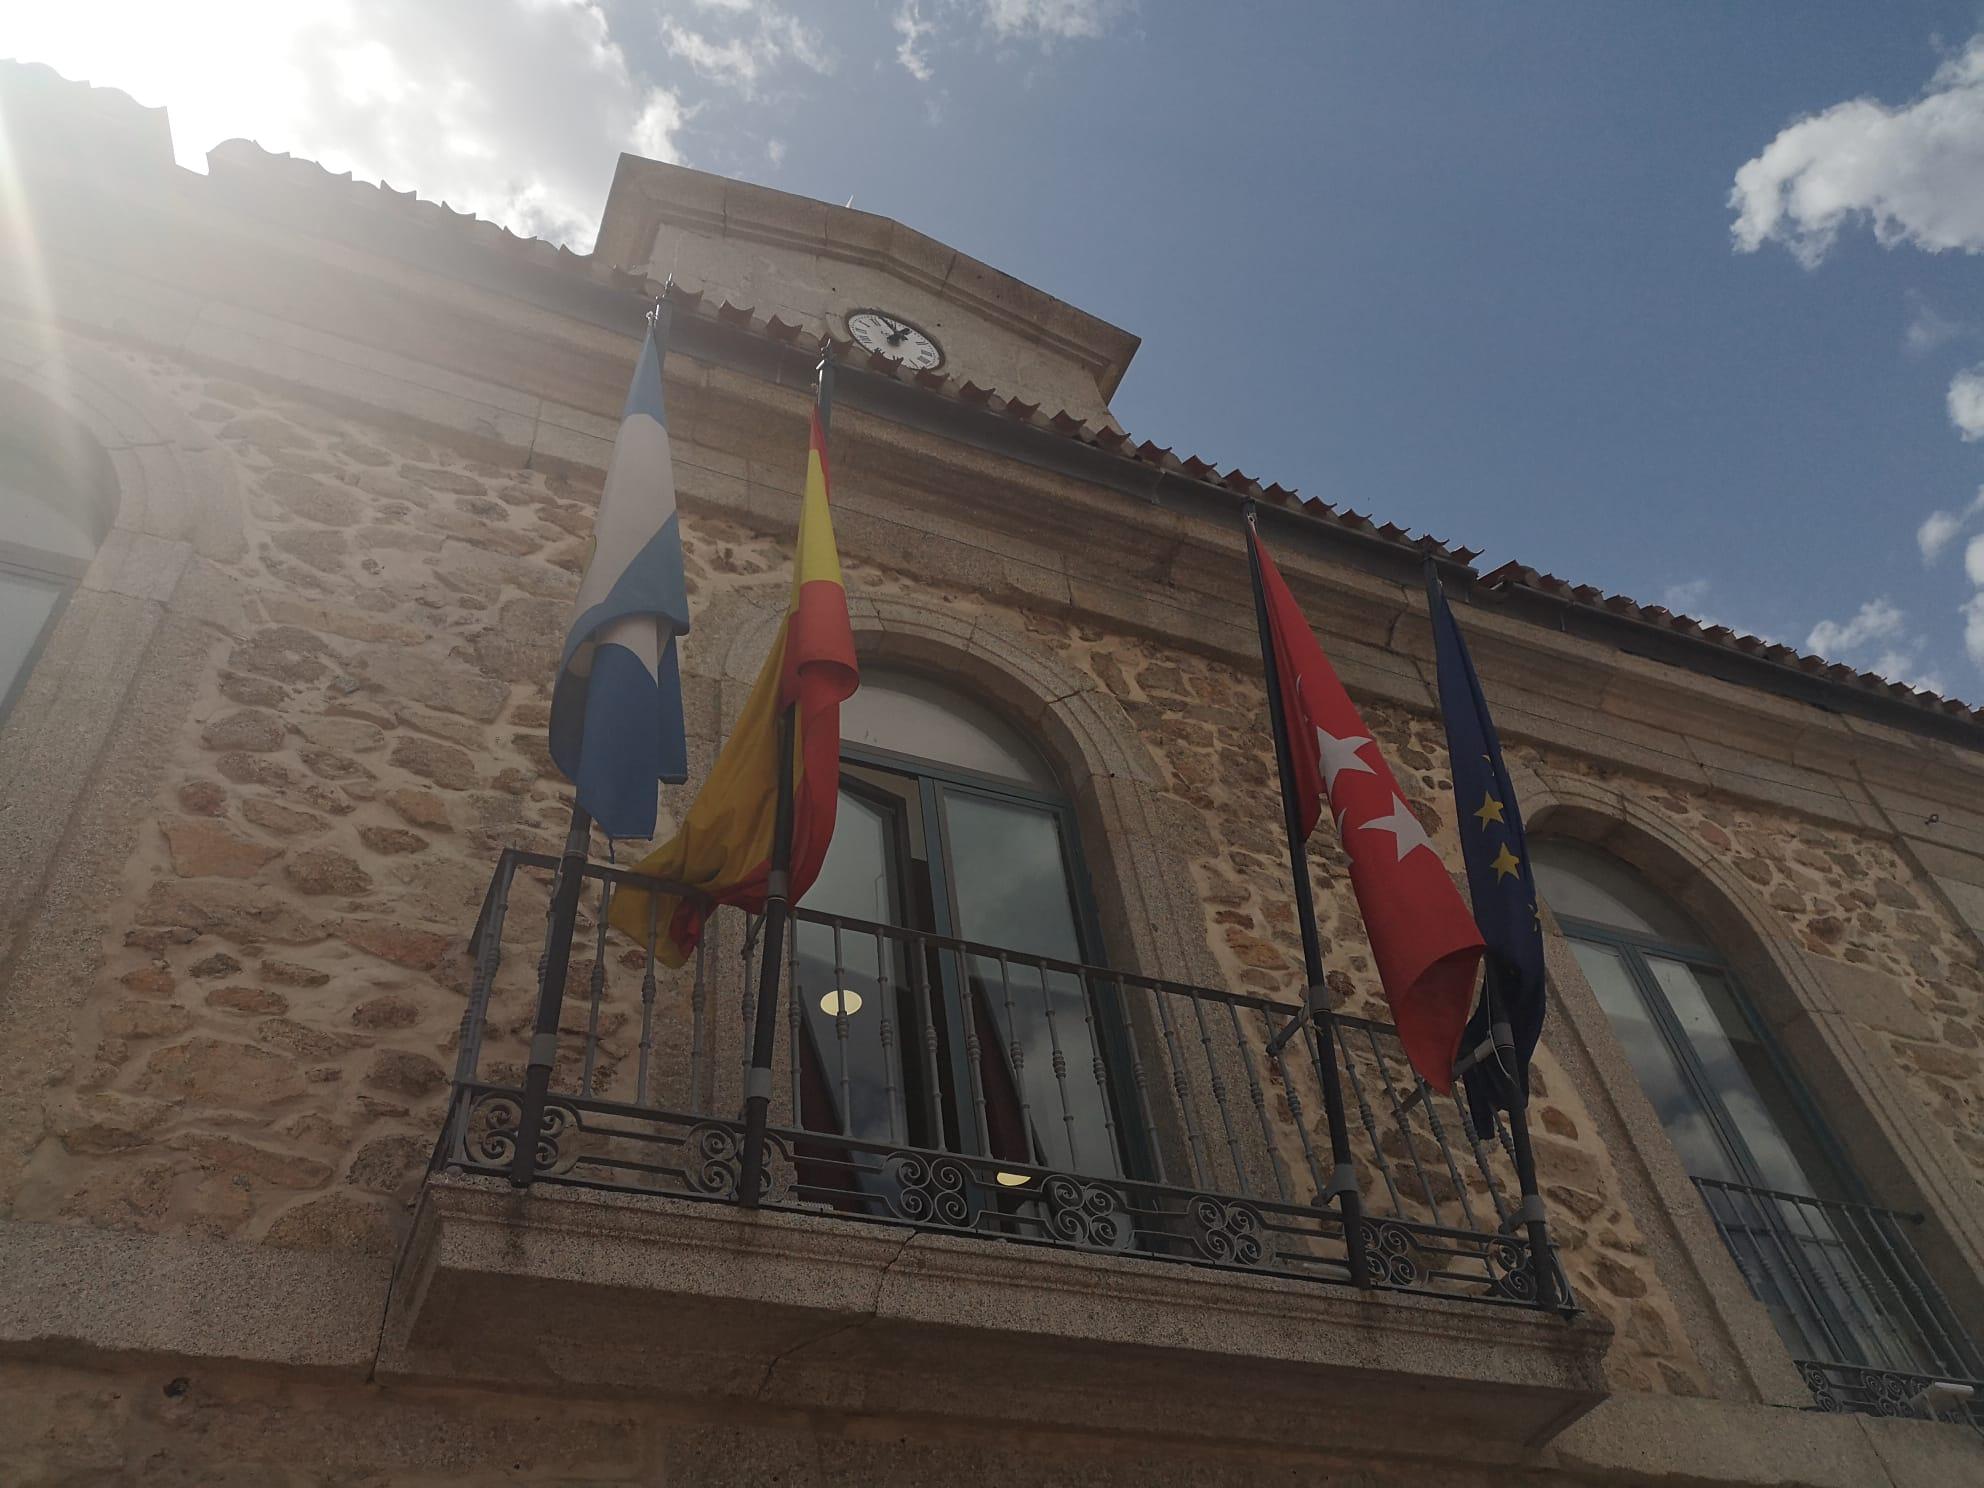 La Junta de Gobierno Local impulsa la solicitud de dos líneas de subvención destinadas a la digitalización y la mejora de los entornos comerciales de Valdemorillo por un importe superior al millón de euros